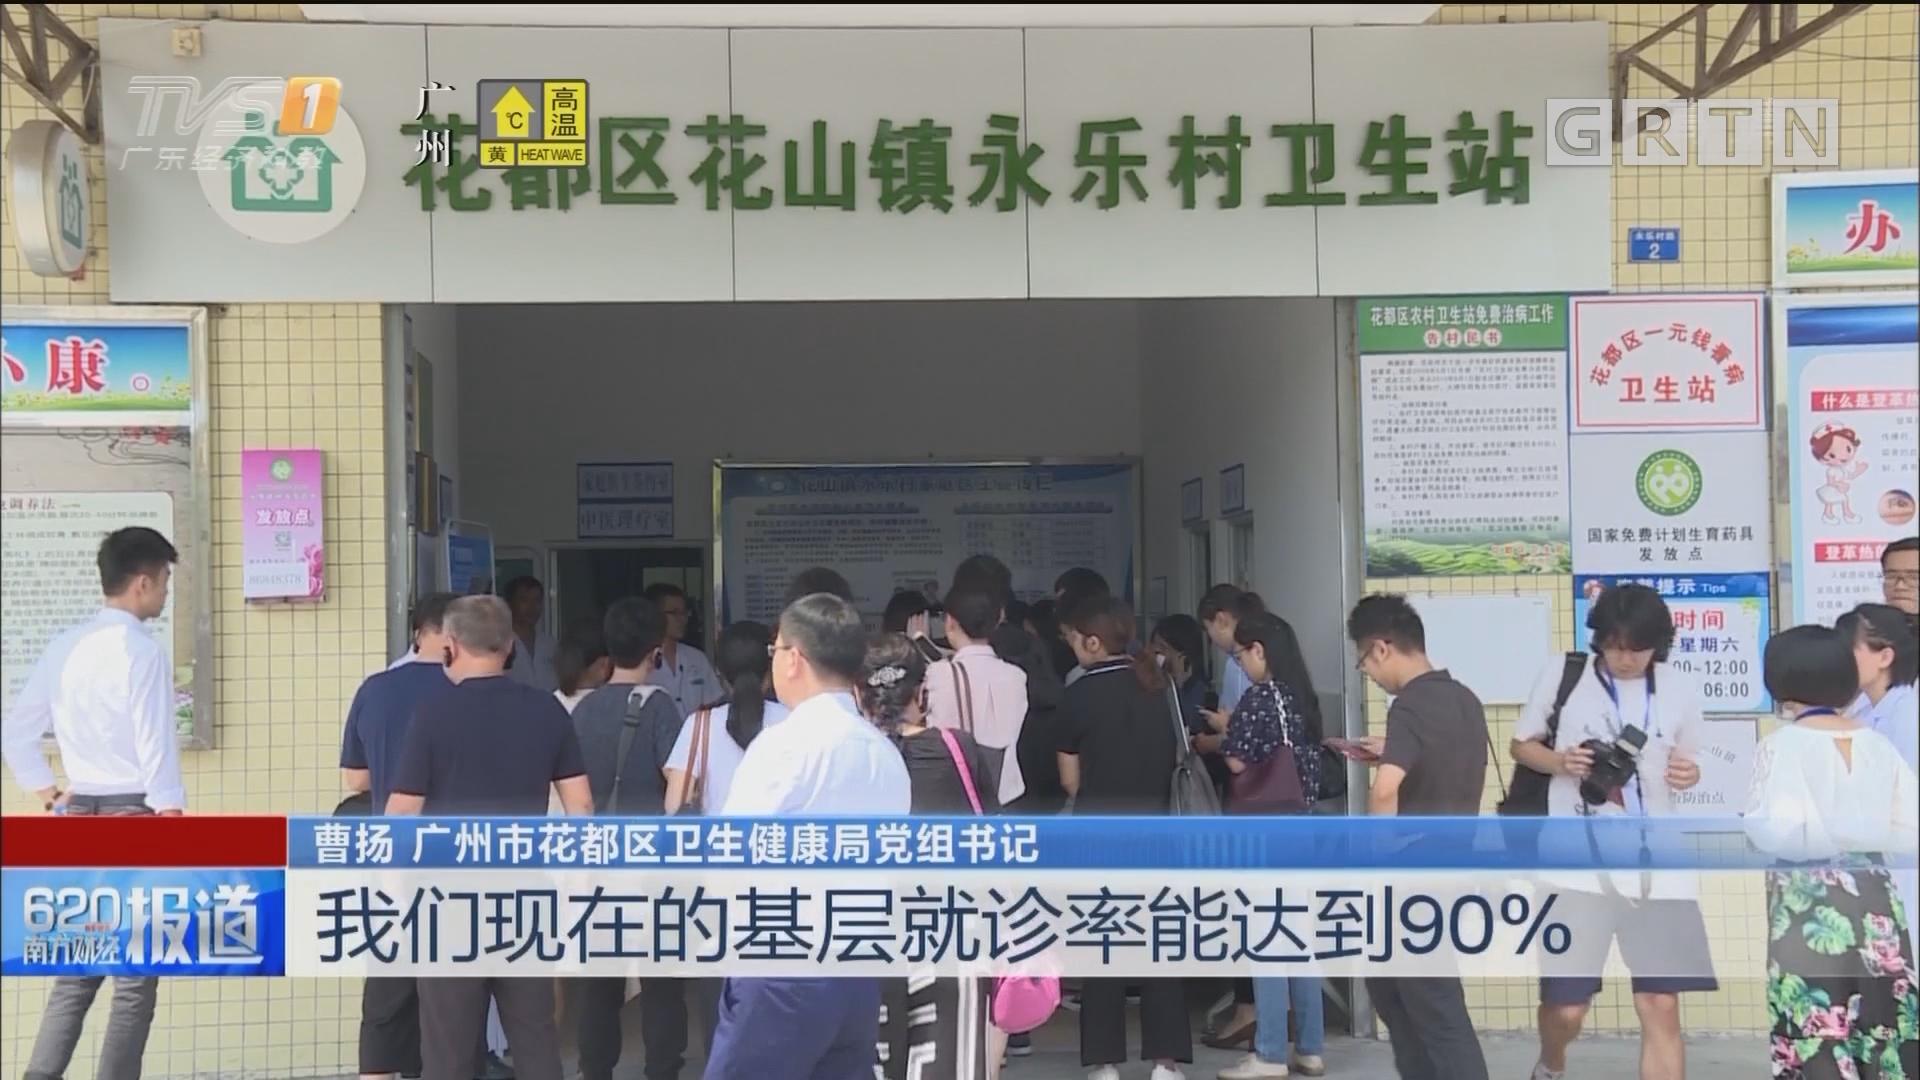 壮丽70年 奋斗新时代:小病不出村!广州花都医疗卫生工作群众满意度达90%